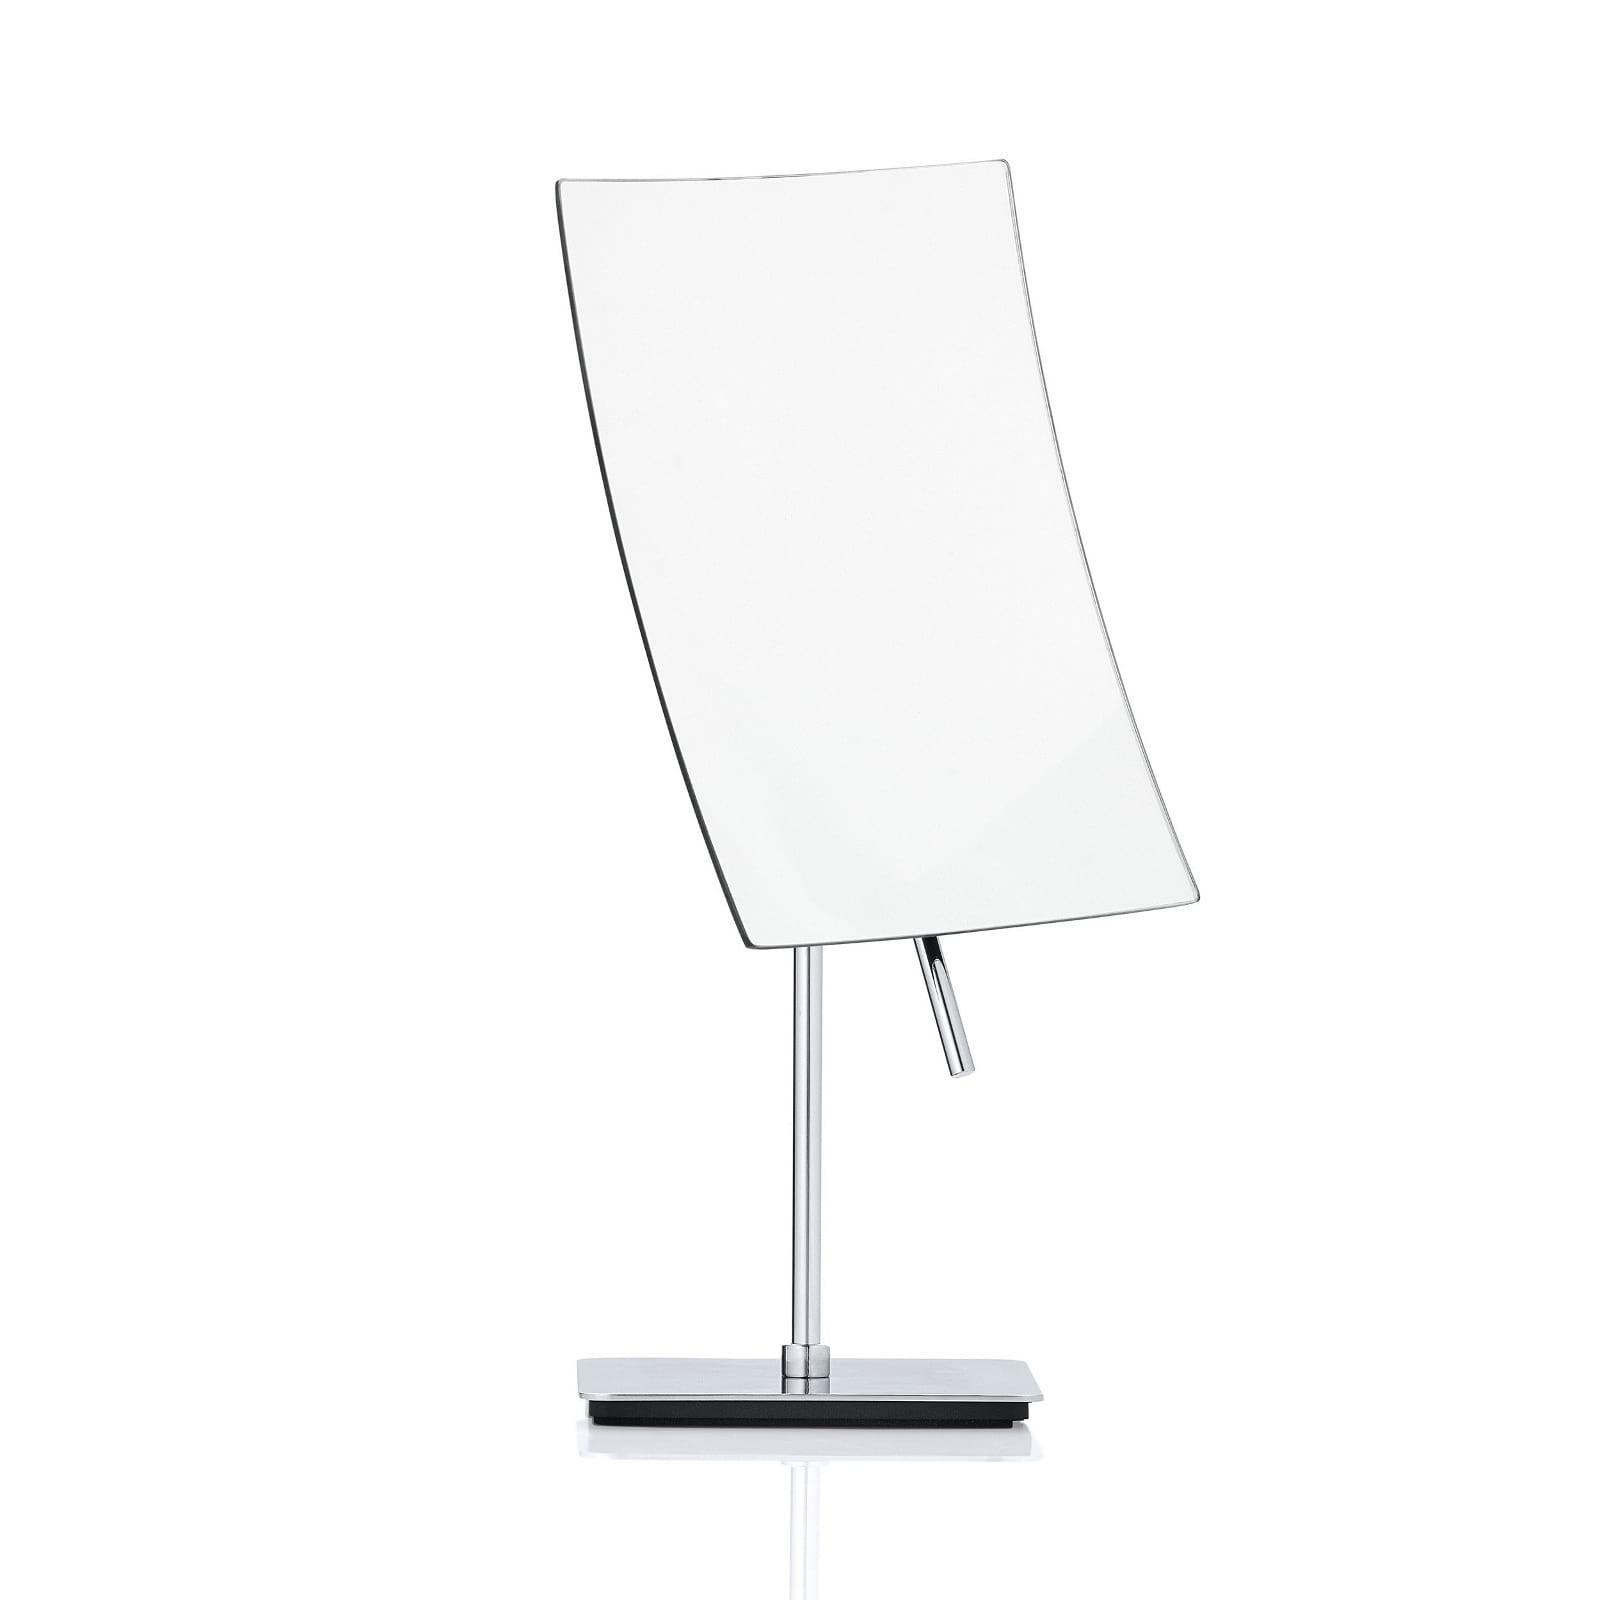 Μεγεθυντικός Καθρέφτης Μακιγιάζ & Ξυρίσματος Vista (5x Μεγέθυνση) - Blomus